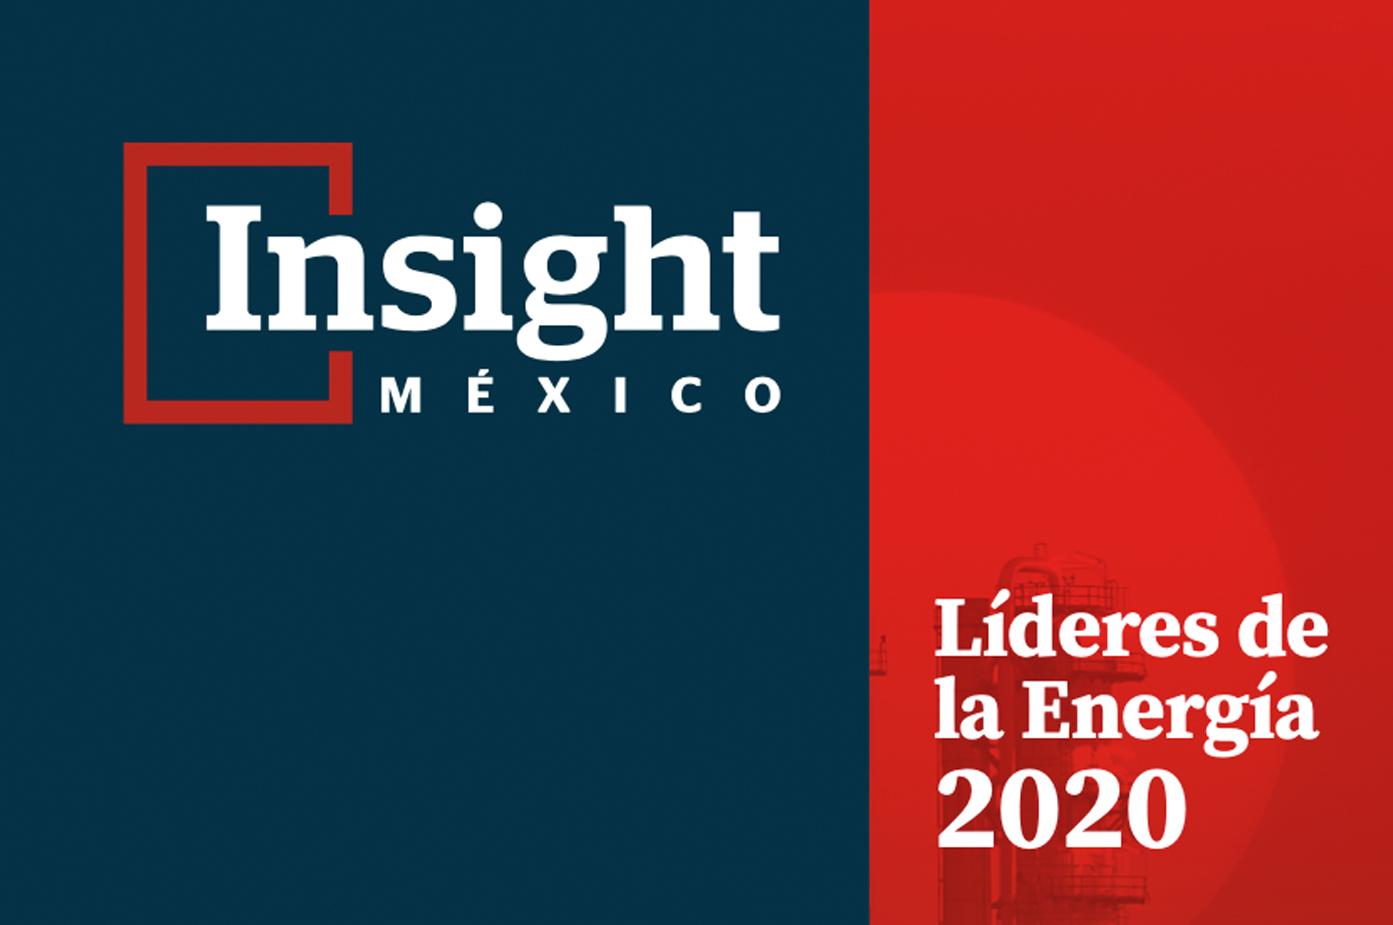 Líderes de la Energía 2020